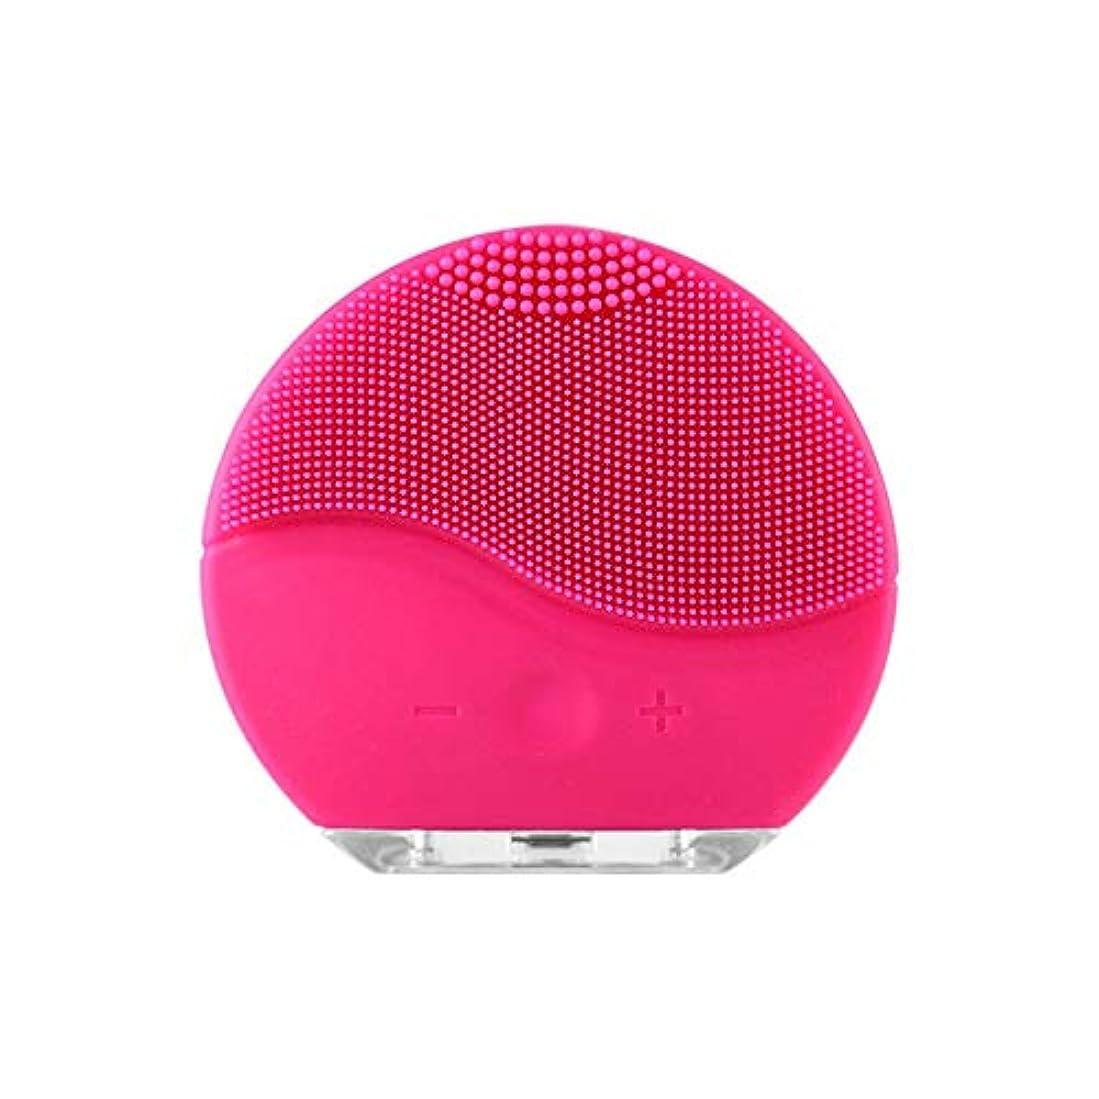 番目送信する欠如ZXF 新しい家庭用電化製品洗浄器具USB充電シリコーン電気美容器具洗浄ブラシピンク赤 滑らかである (色 : Red)